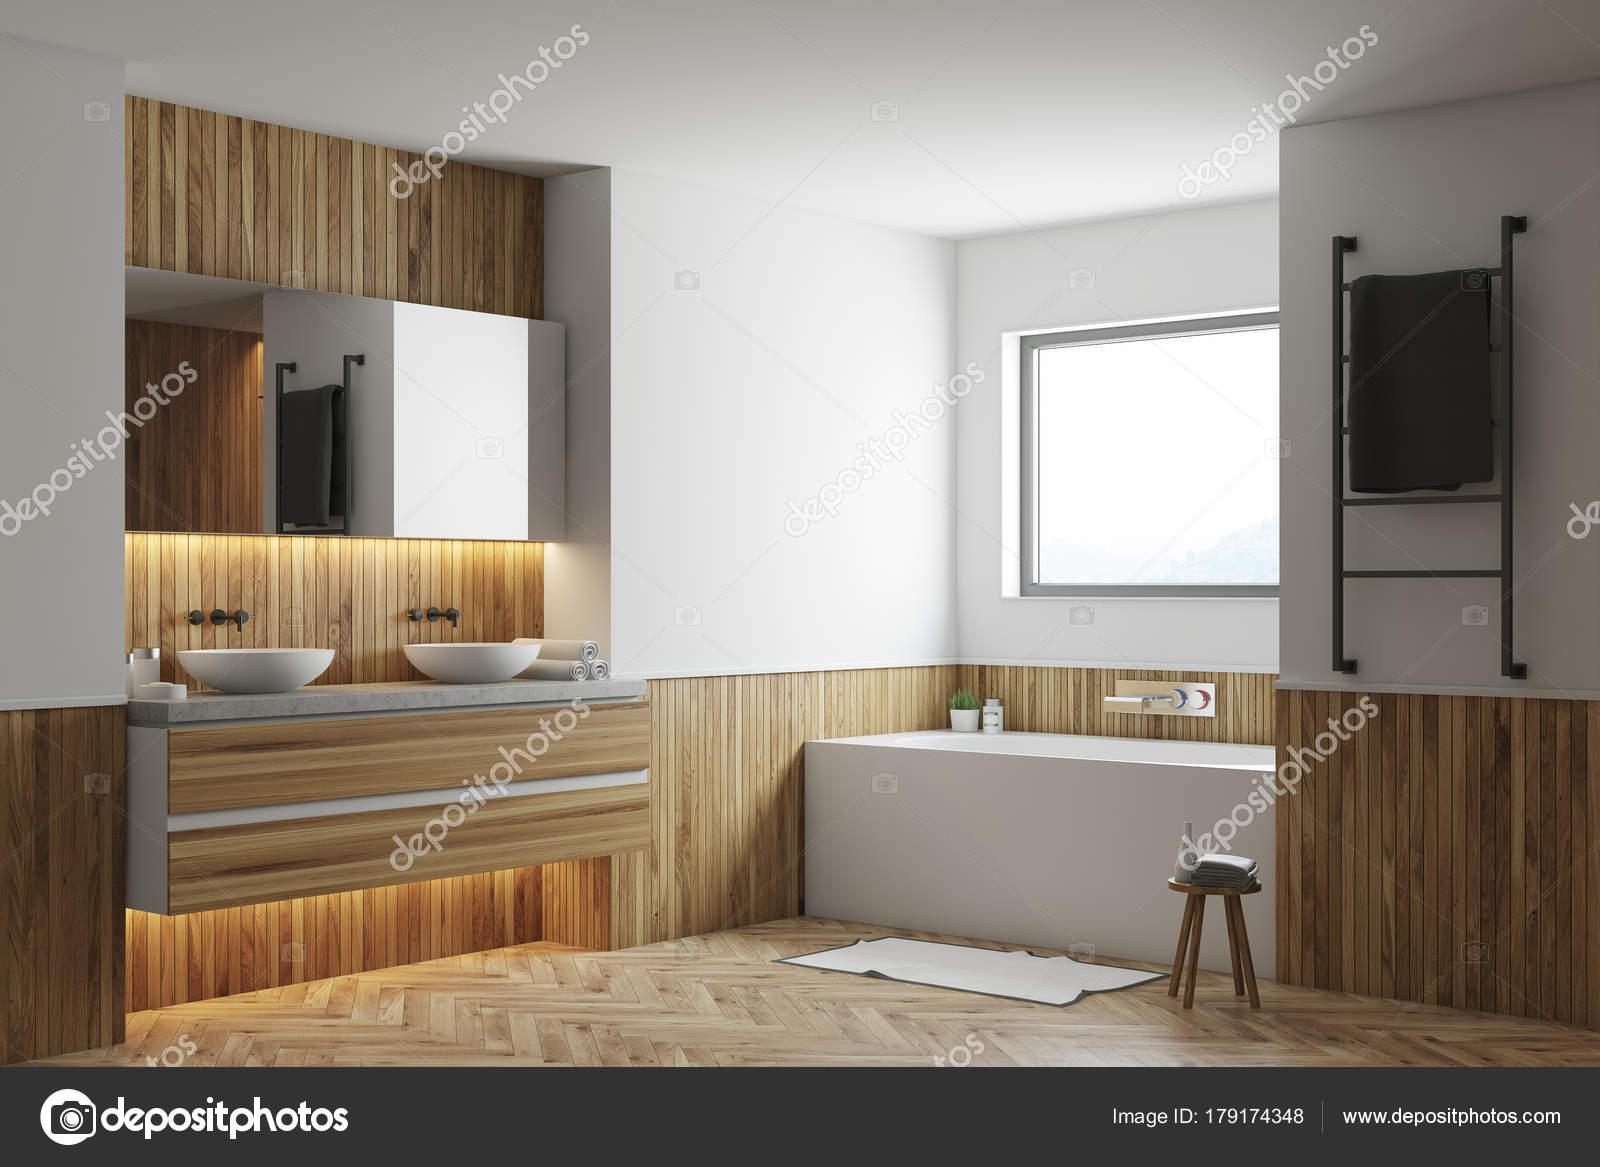 Weiß Und Holz Bad Ecke, Weiße Wanne, Waschbecken U2014 Stockfoto